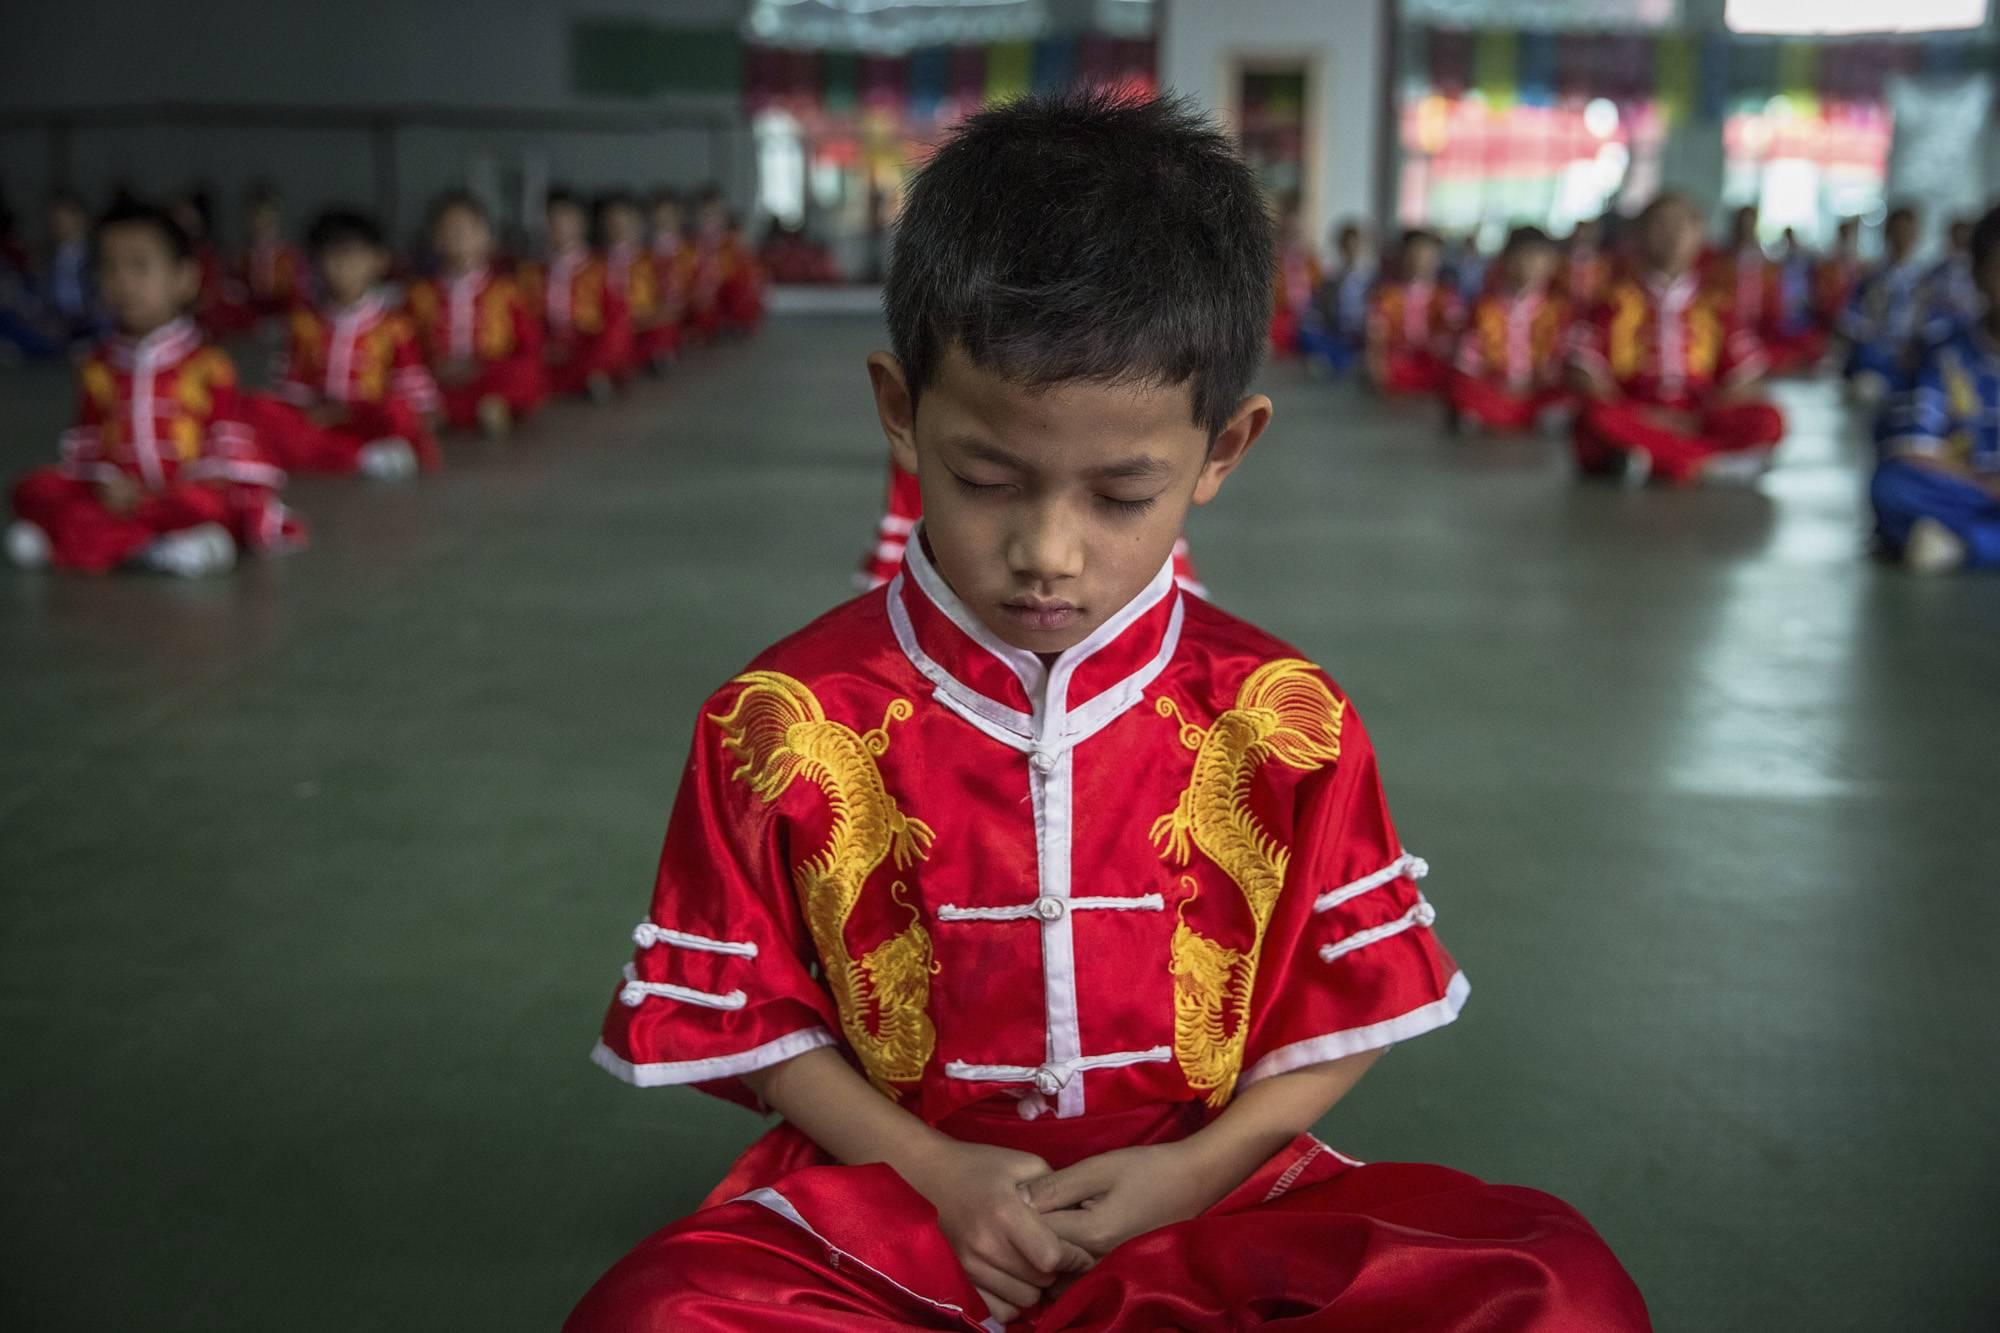 Kuan megye, 2017. szeptember 8.Befelé figyel egy kungfuiskola fiatal növendéke egy kínai harcművészeti központban, a Hopej tartománybeli Kuan megyében, Pekingtől északra 2017. június 10-én. (MTI/EPA/Roman Pilipej)